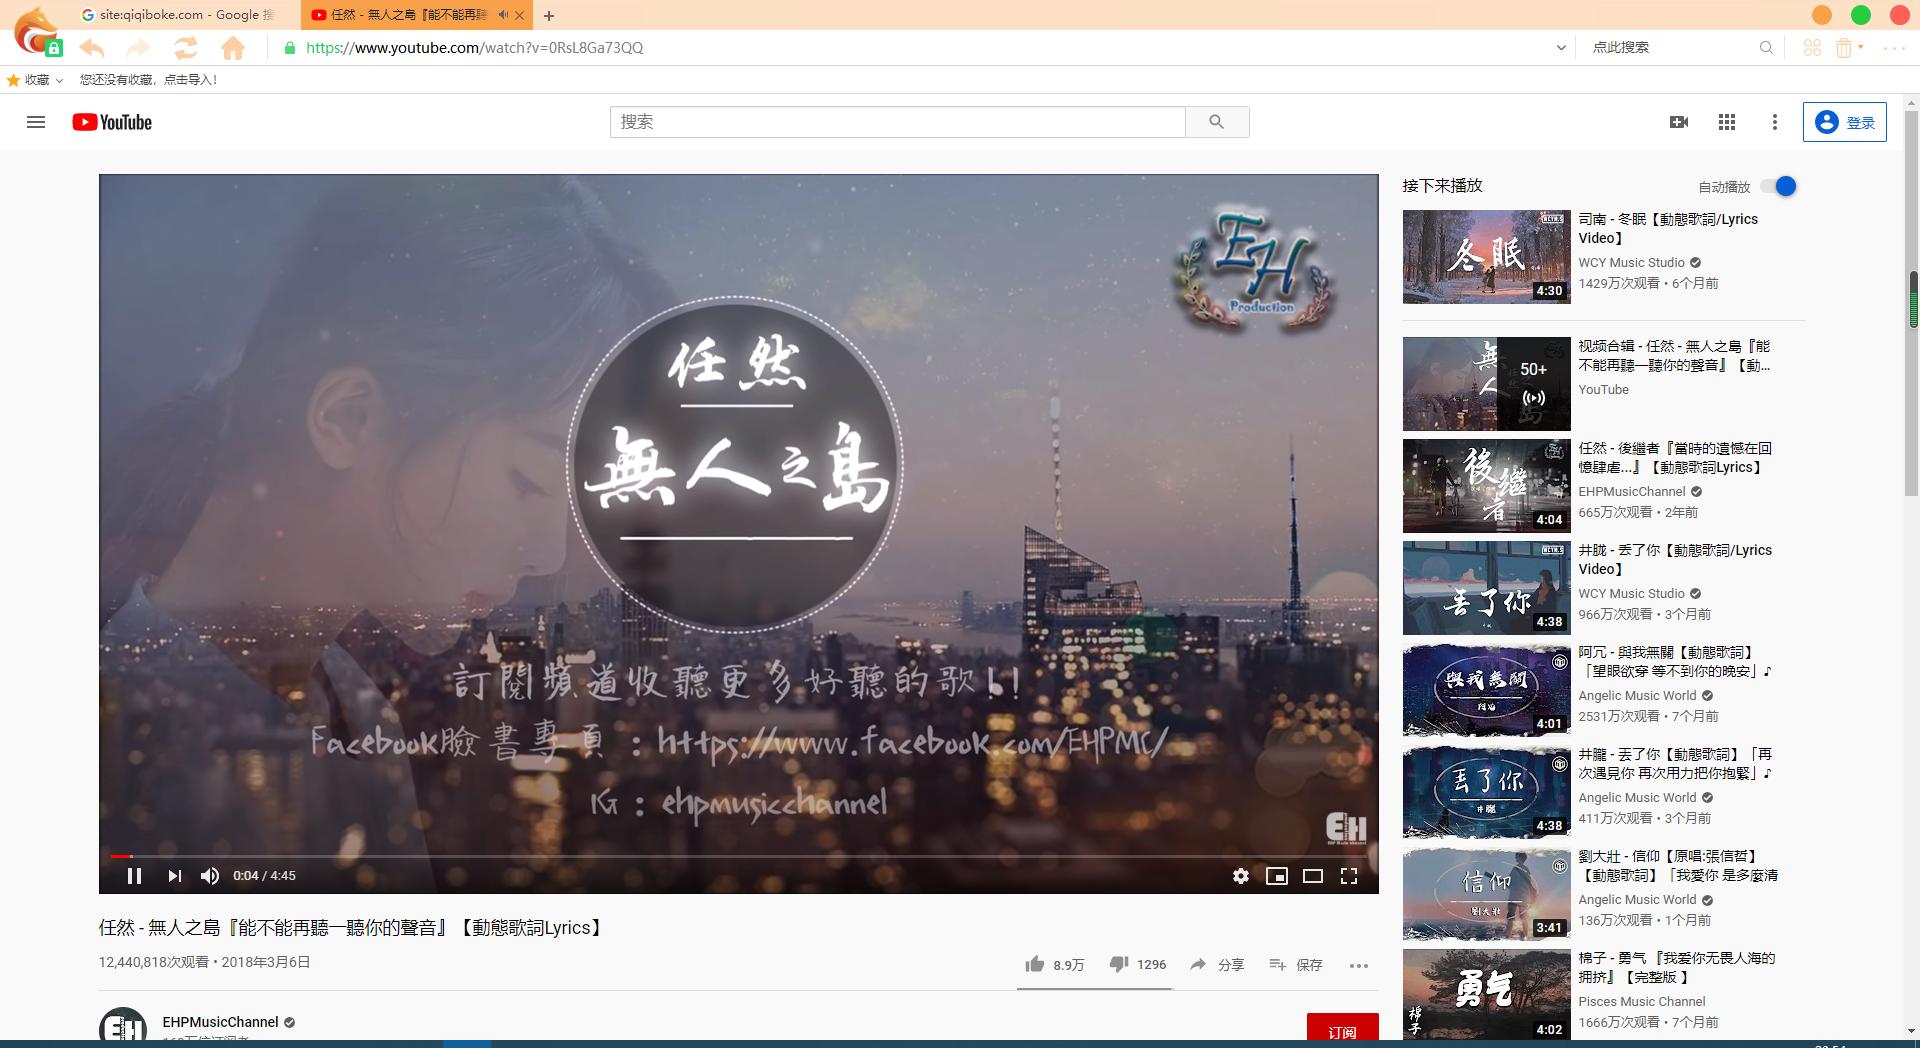 灵狐浏览器,高速稳定看世界(国内首款正规安全出海浏览器)